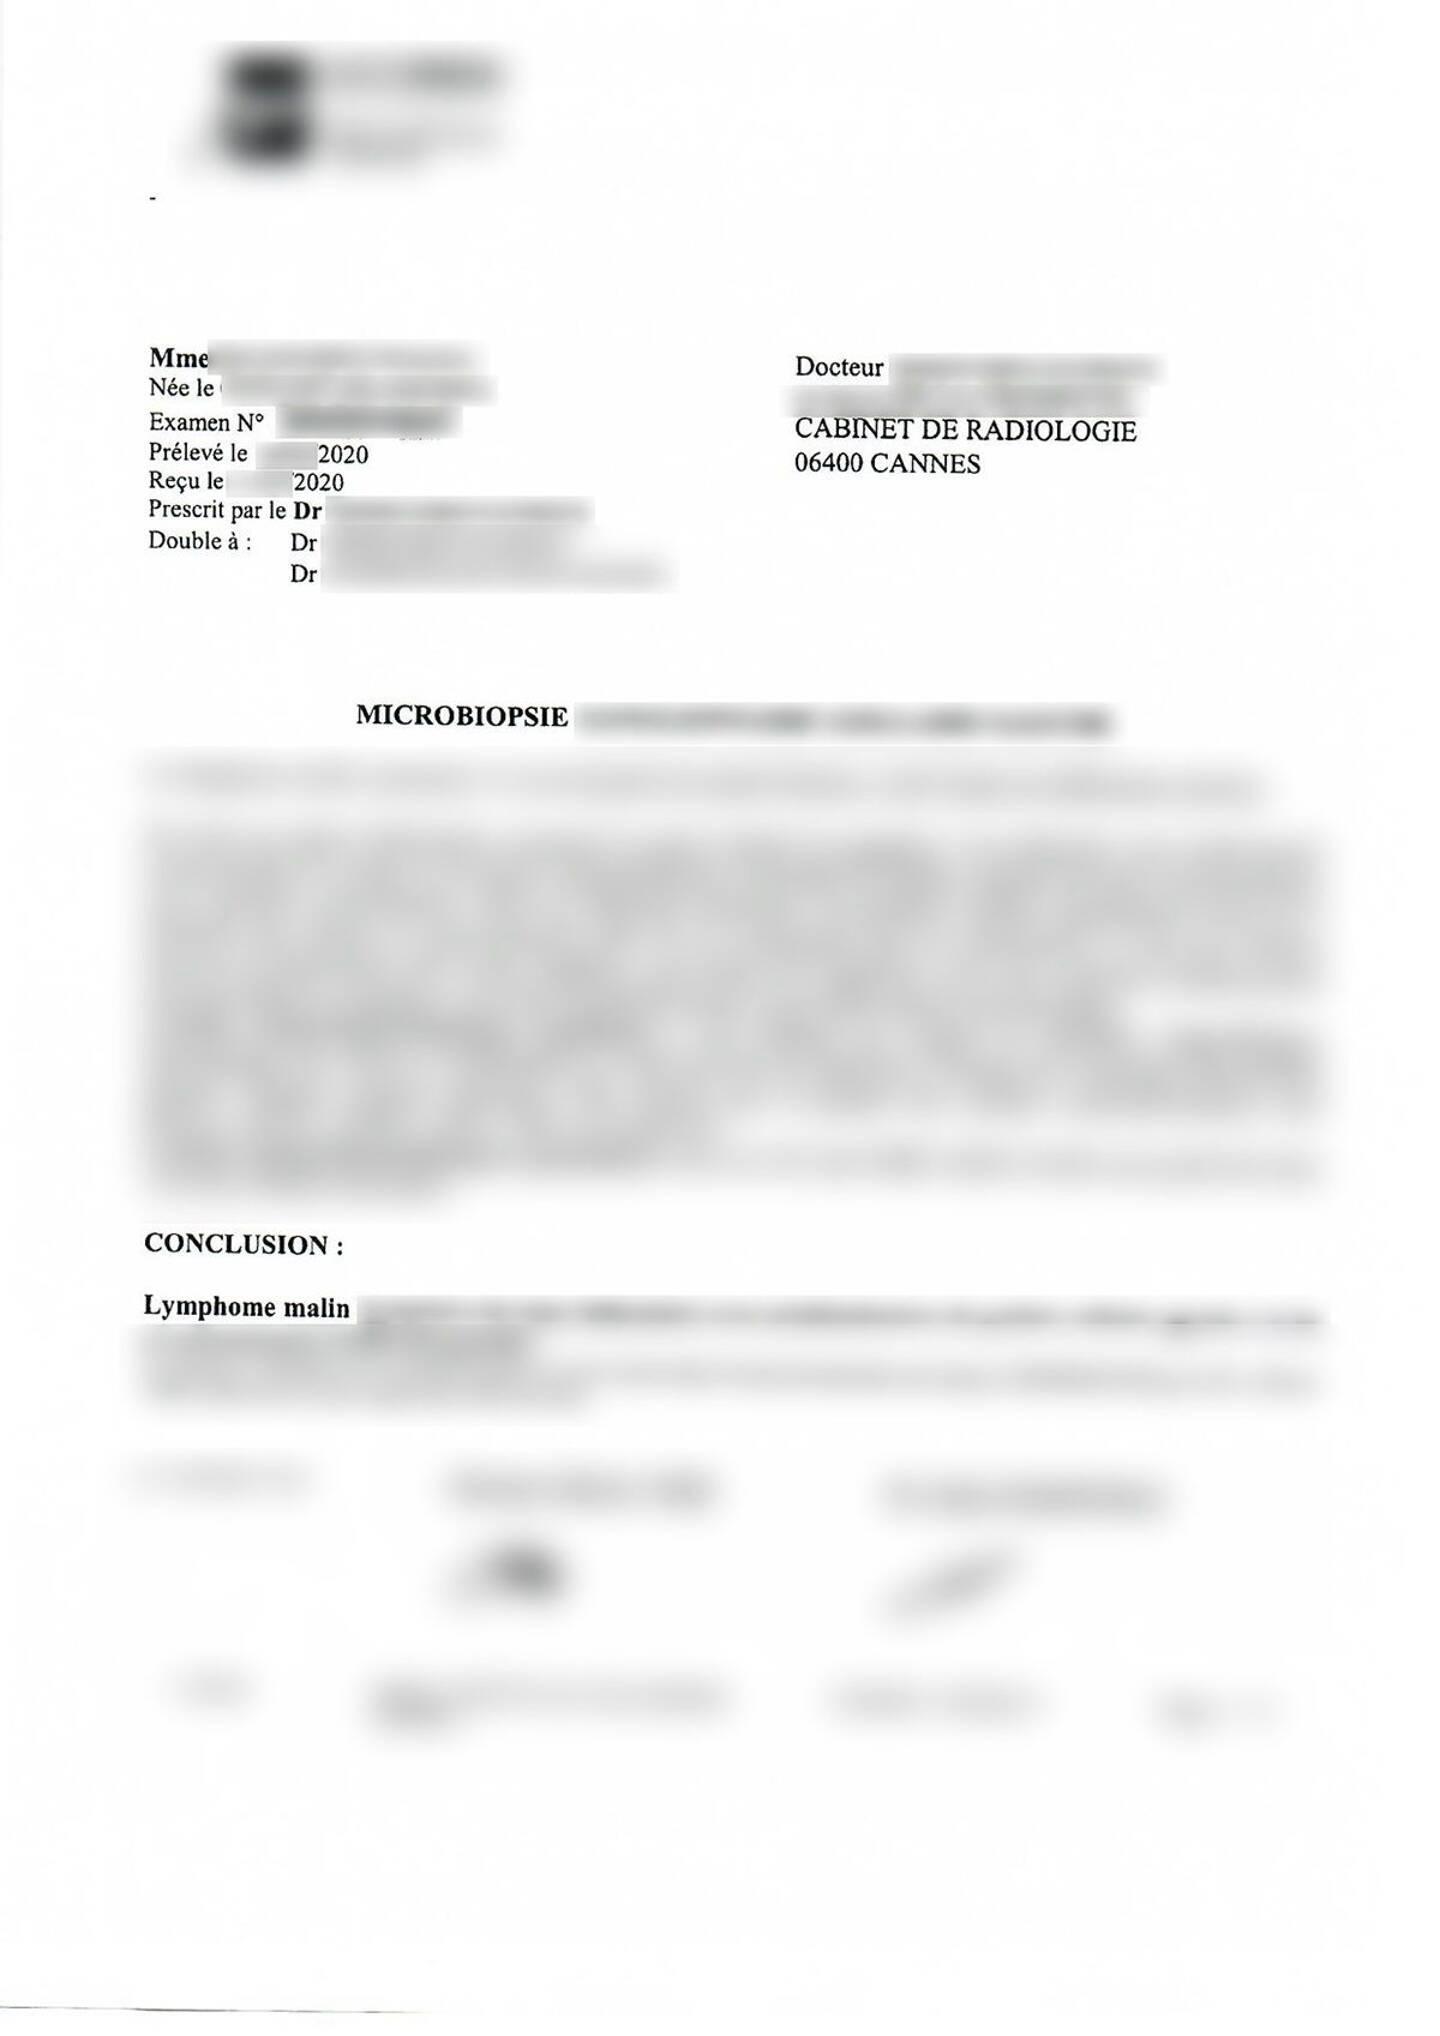 Un document lui aussi été mal protégé par le forum de la Ligue contre le cancer: un rapport médical émanant d'un cabinet de radiologie cannois,. Il était en libre accès sur le Net.